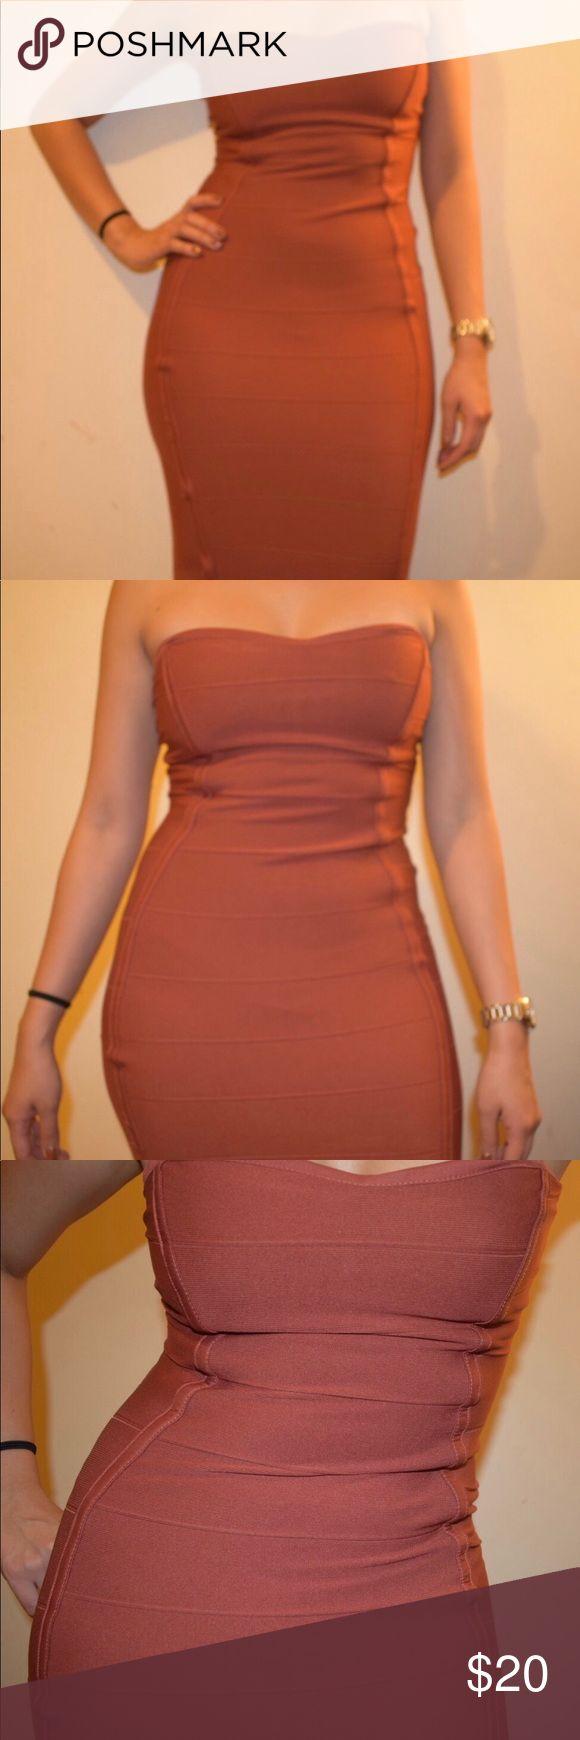 Alle Kleider sommerkleider in übergrößen : Die besten 25+ Curve petite dresses Ideen auf Pinterest ...